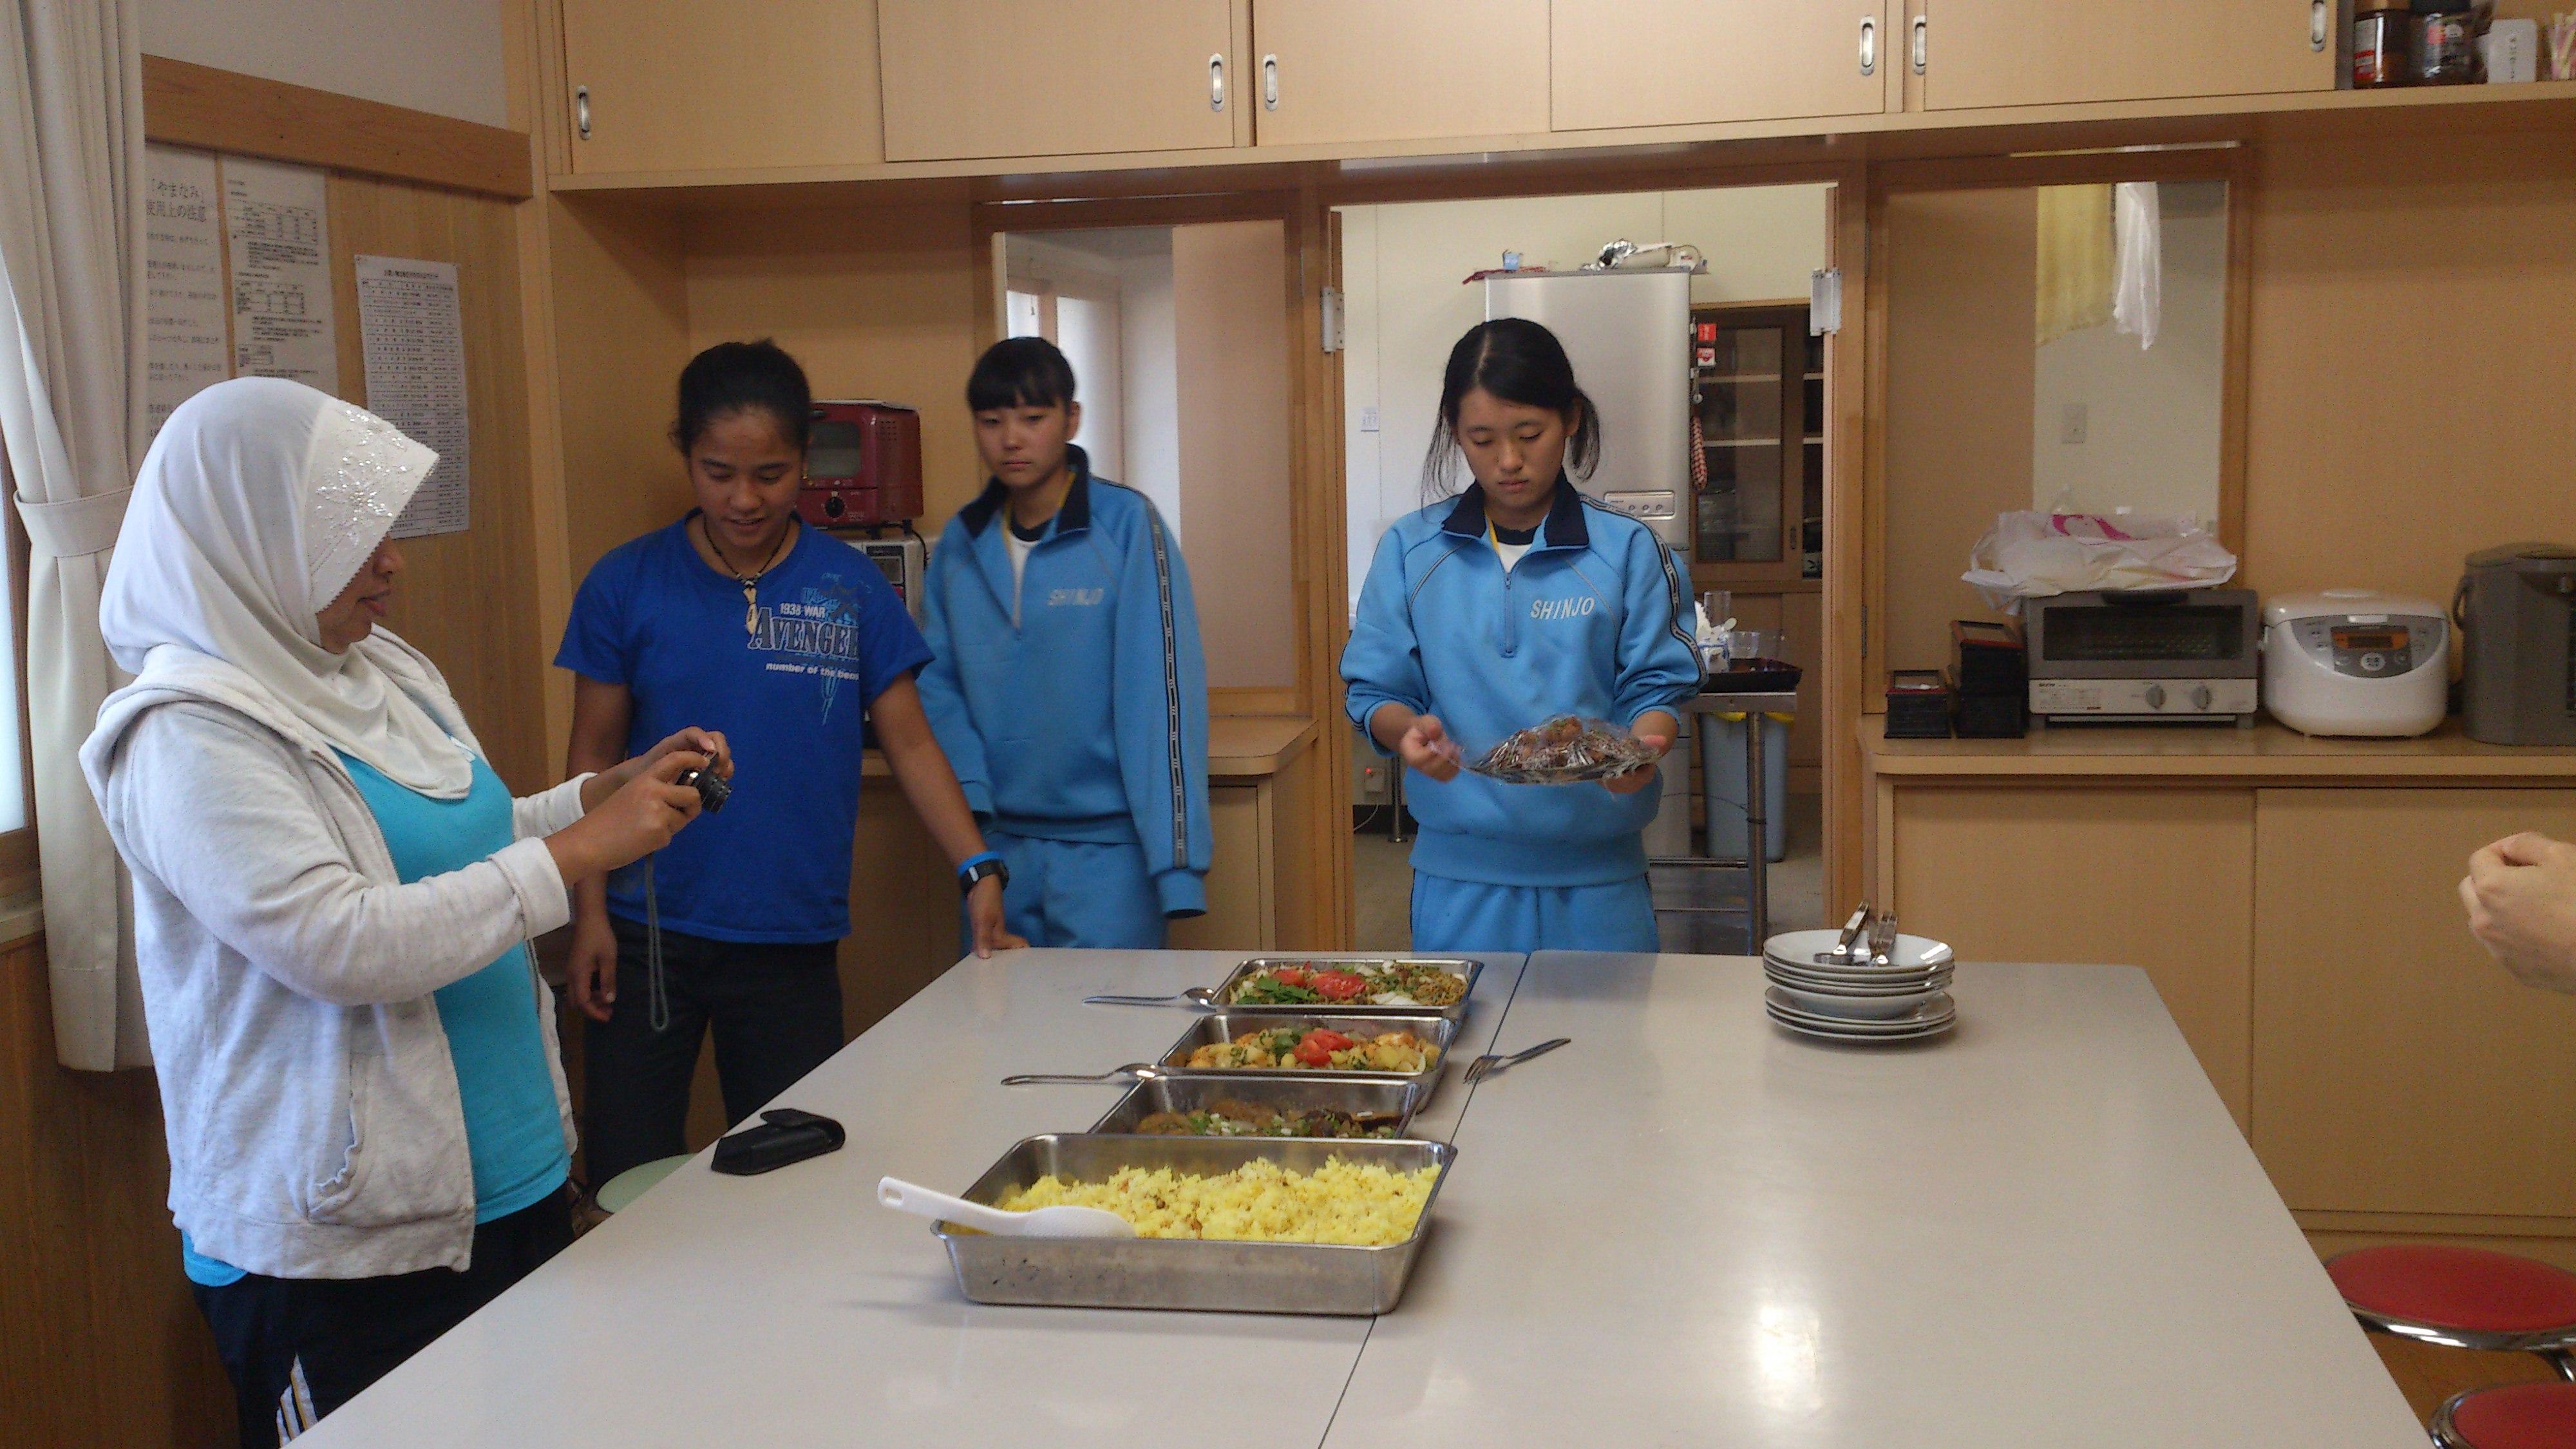 インドネシア料理を作る